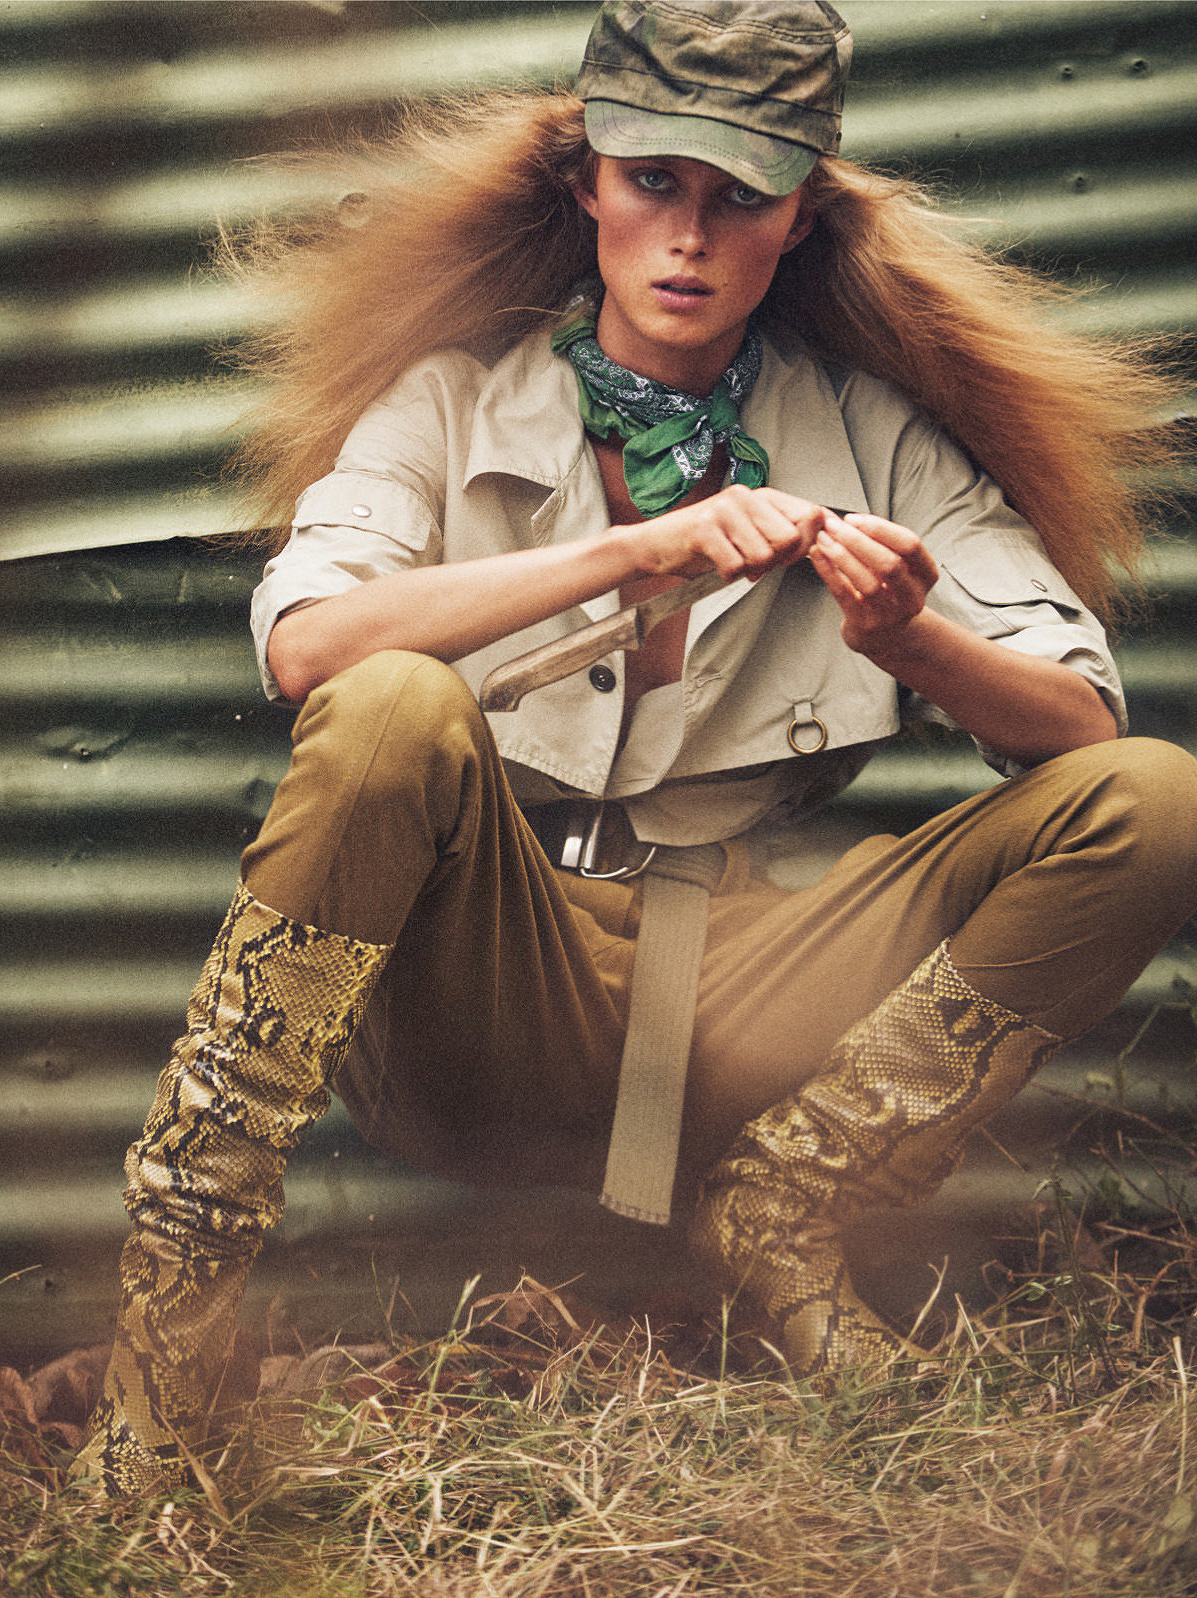 Rianne Van Rompaey by Mikael Jansson for Vogue Paris (10).jpg